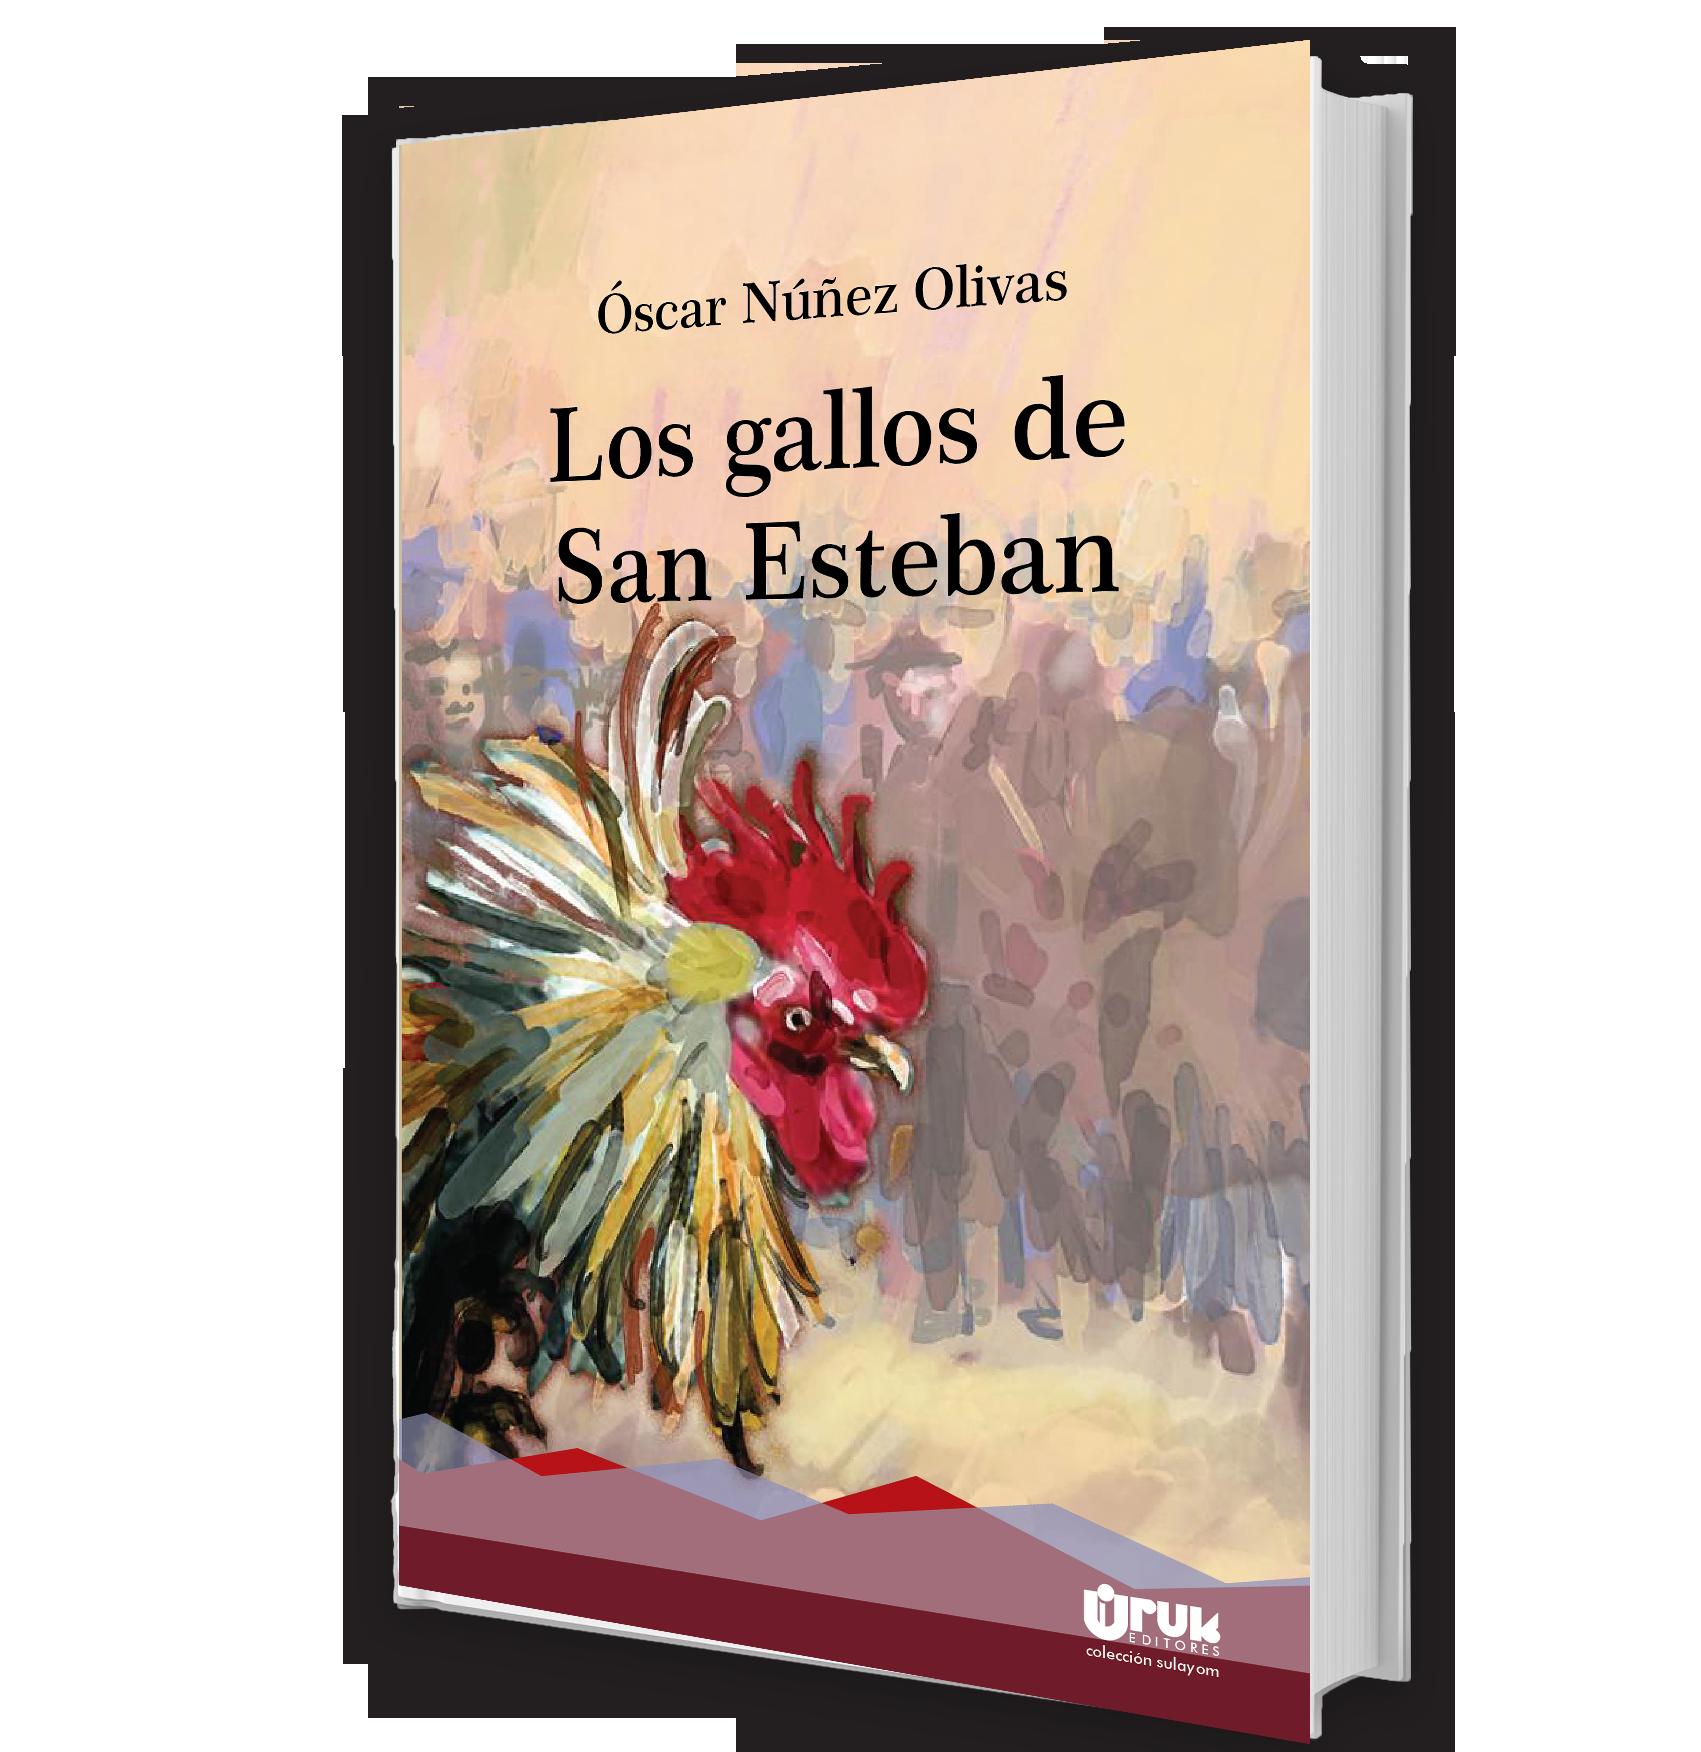 Los gallos de San Esteban